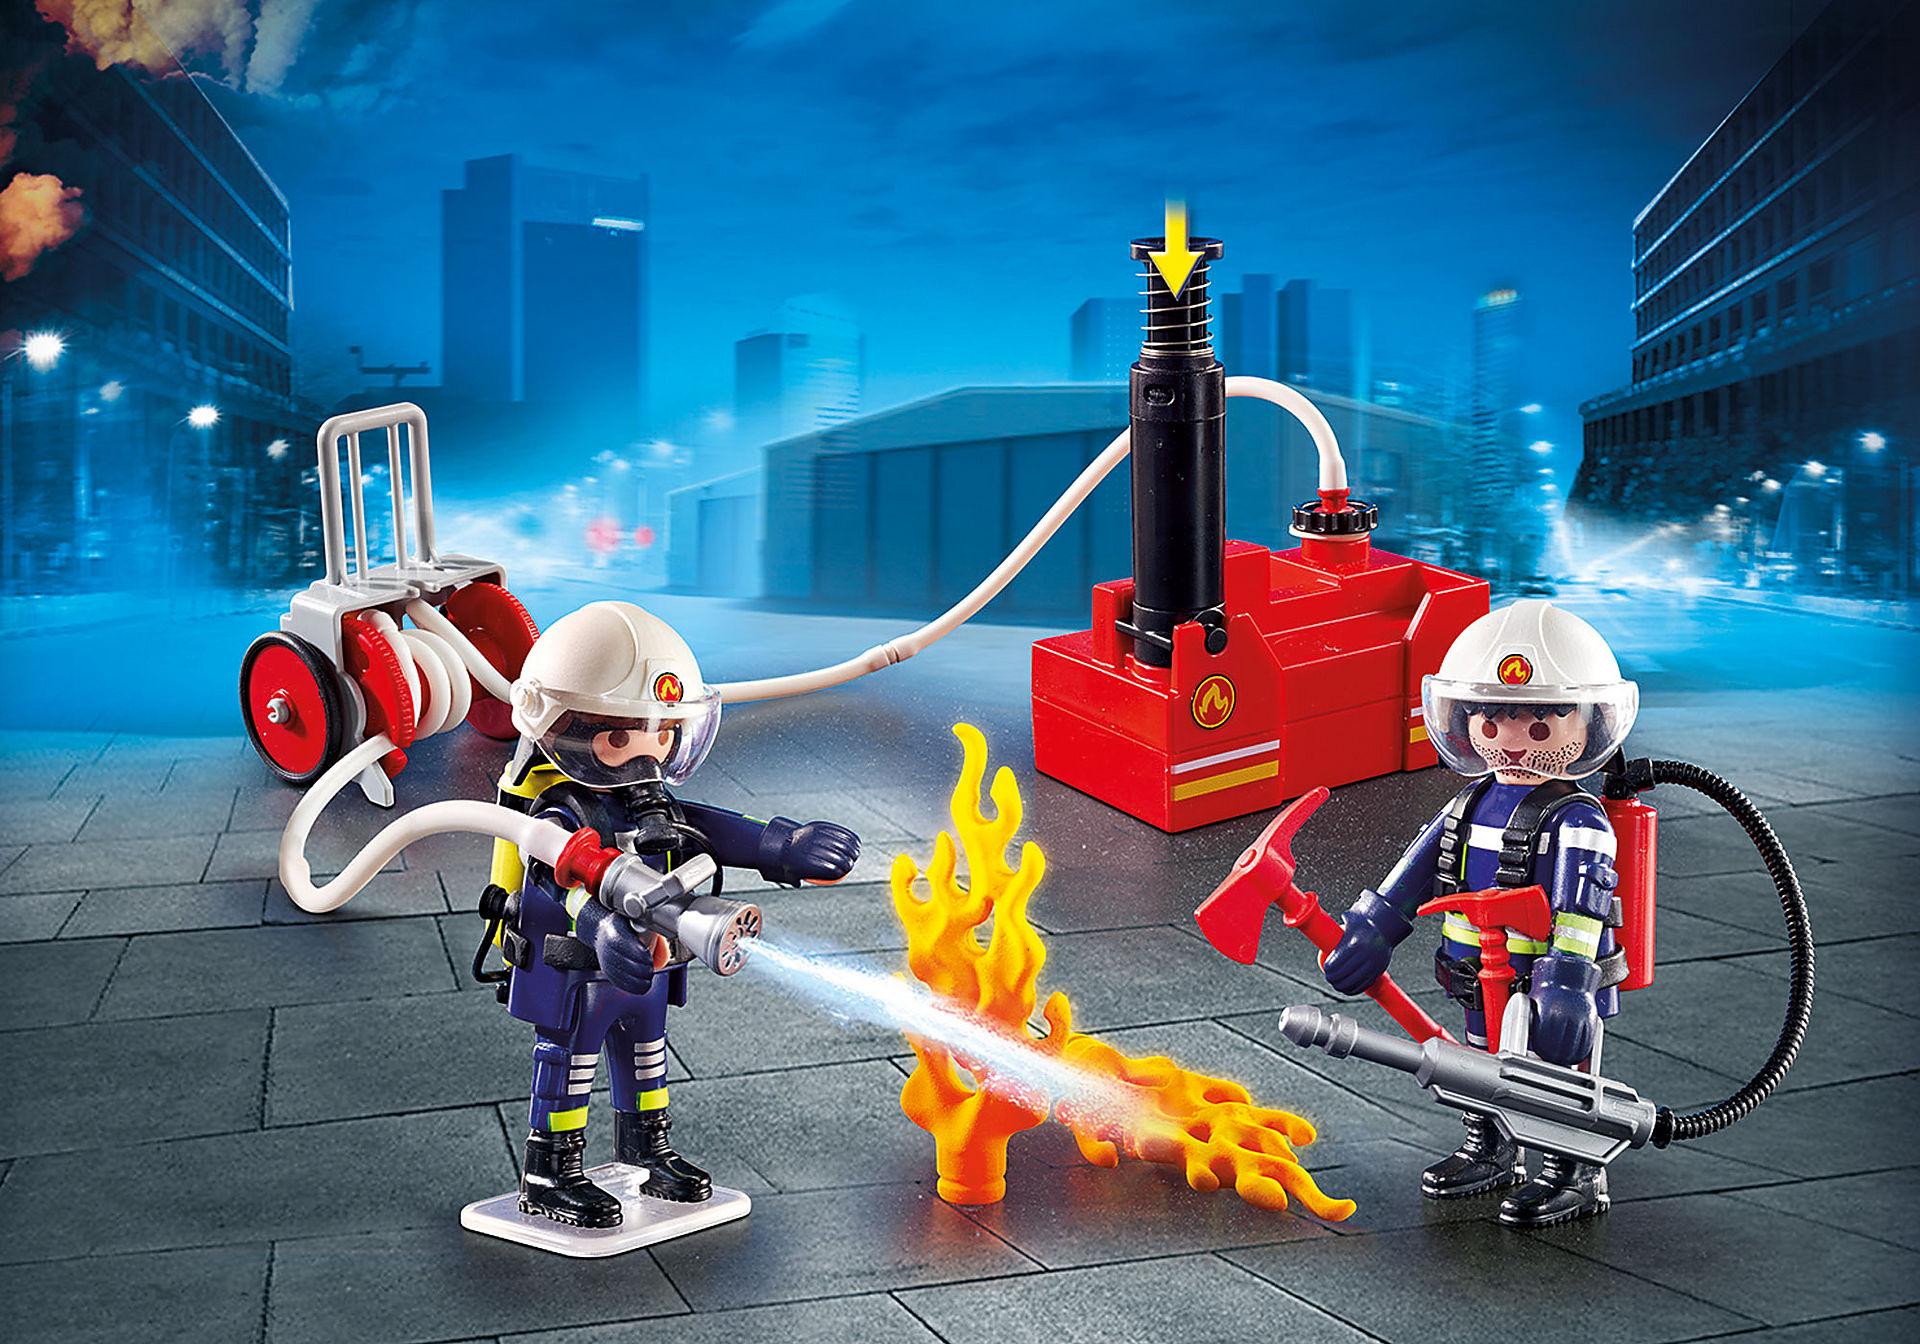 9468 Feuerwehrmänner mit Löschpumpe zoom image1